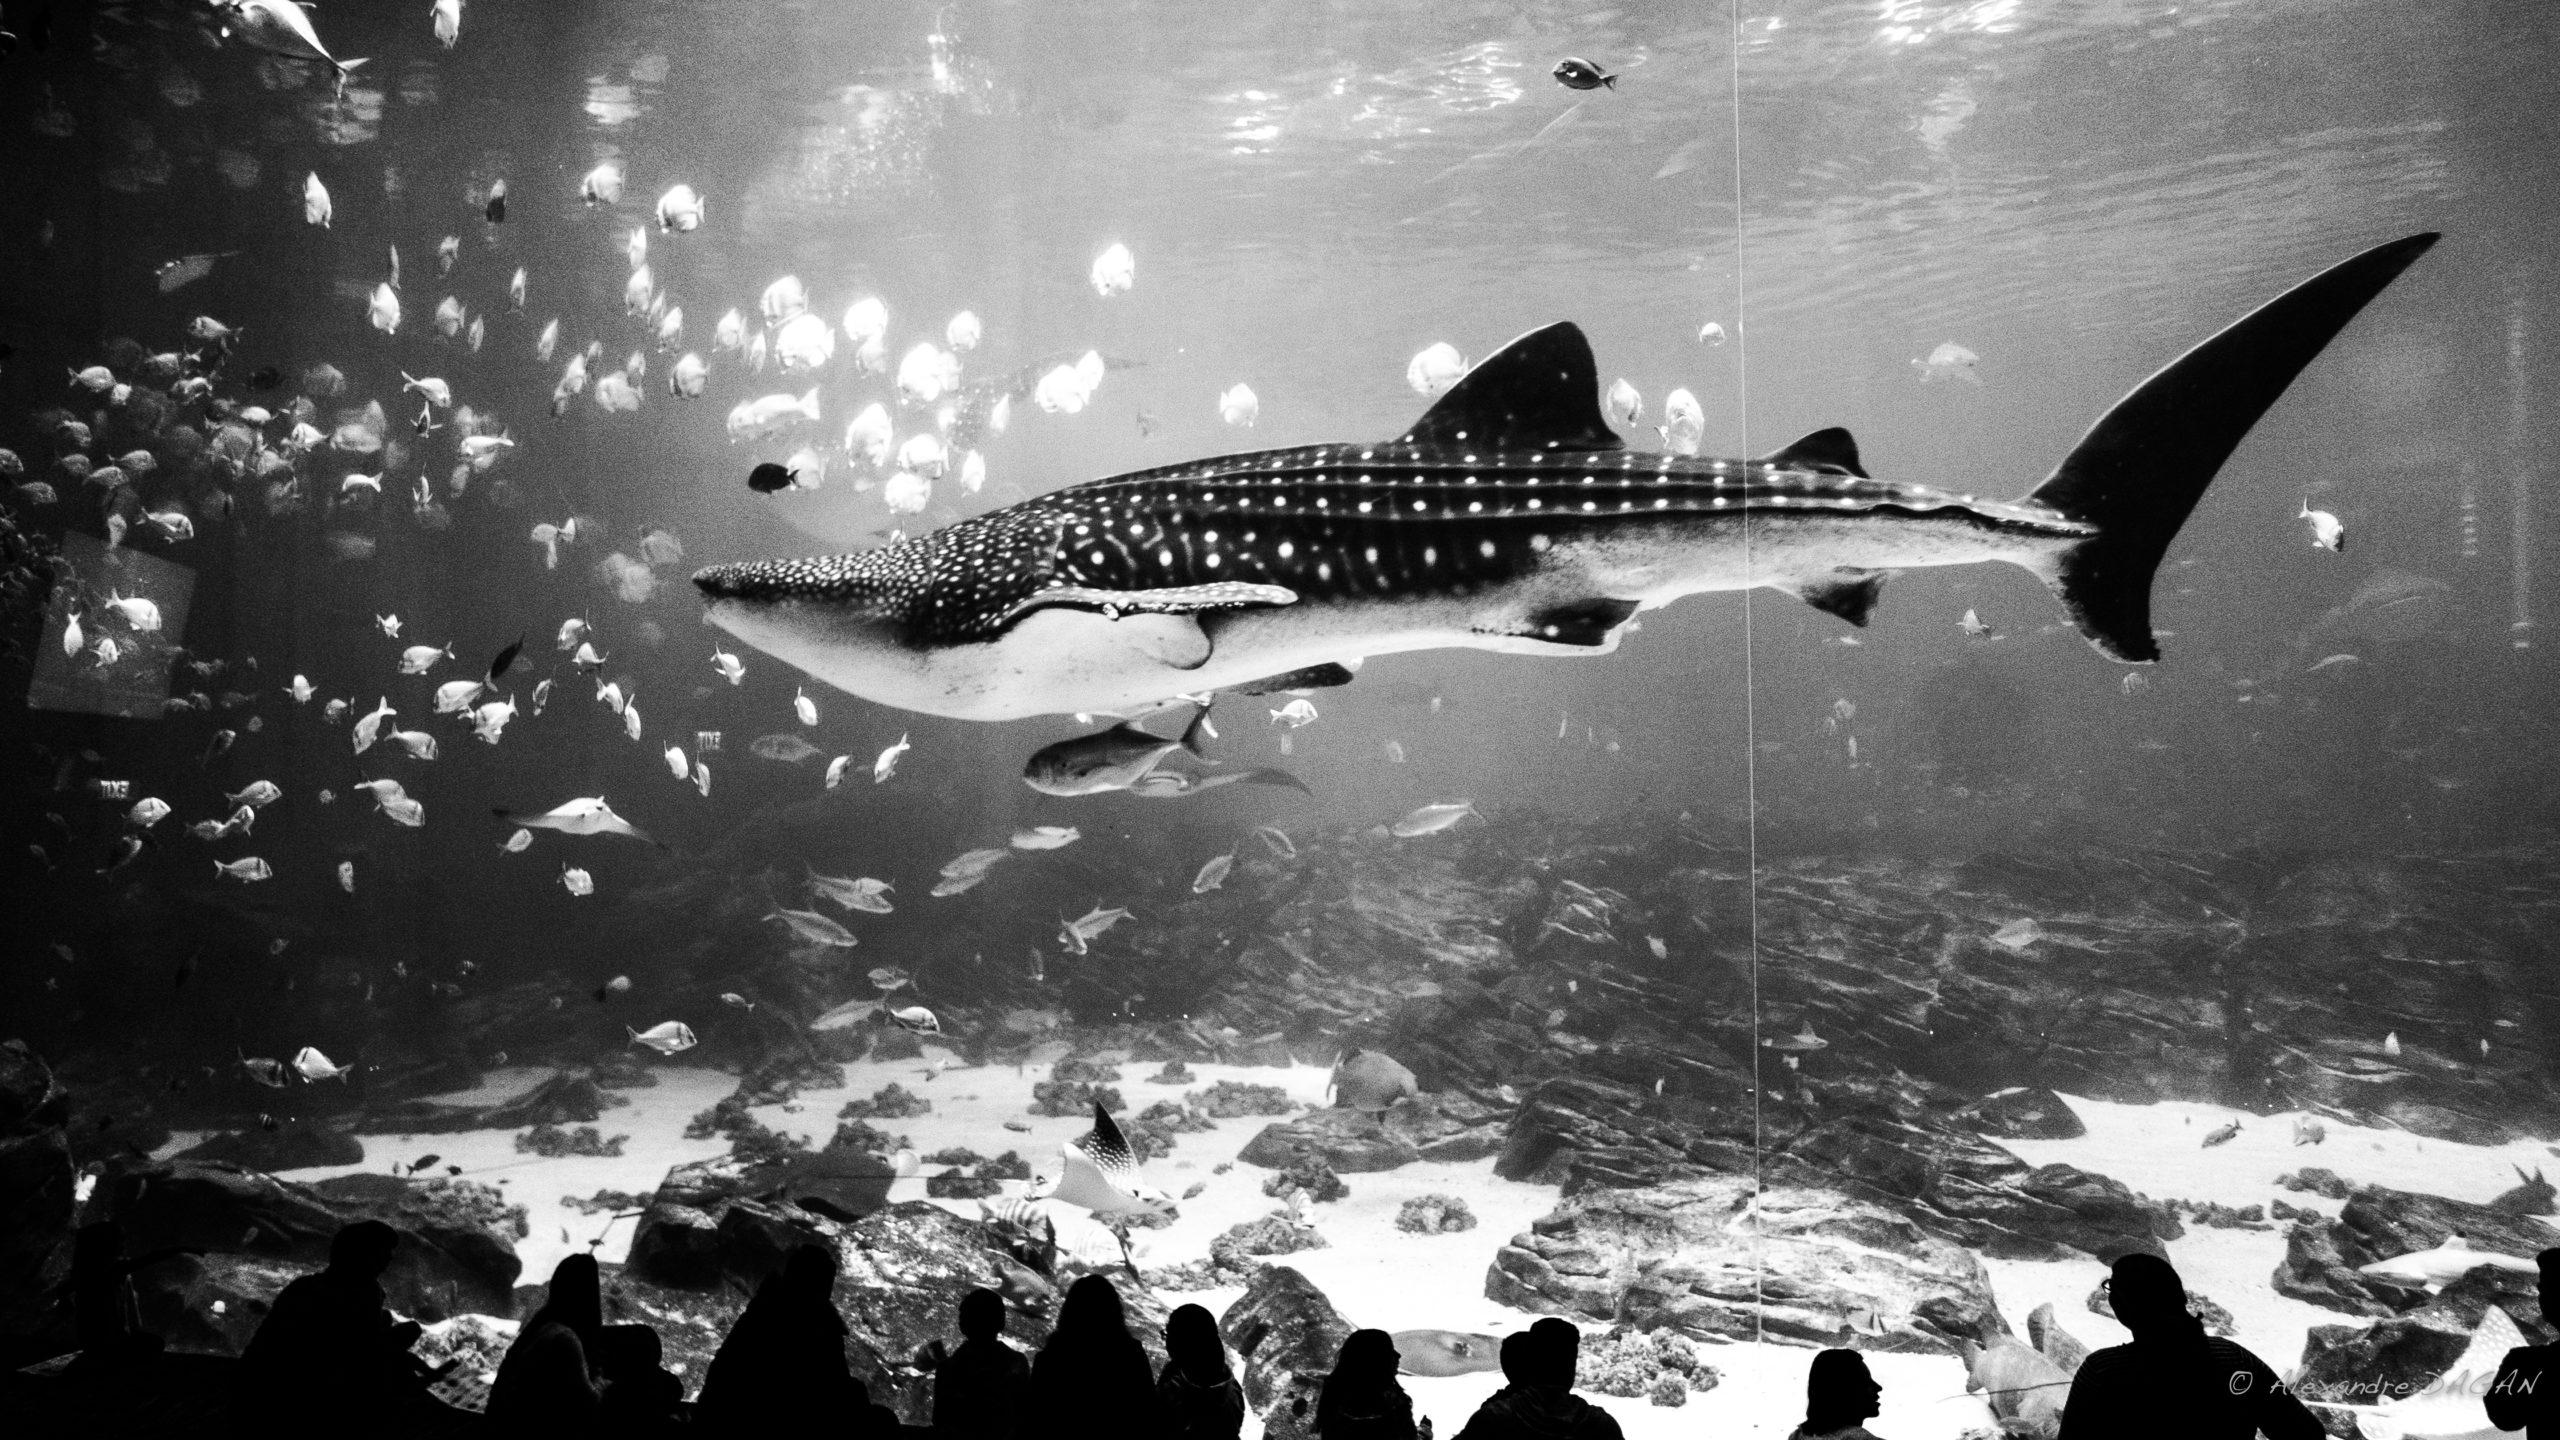 Georgia Aquarium, Atlanta, Georgia, United States